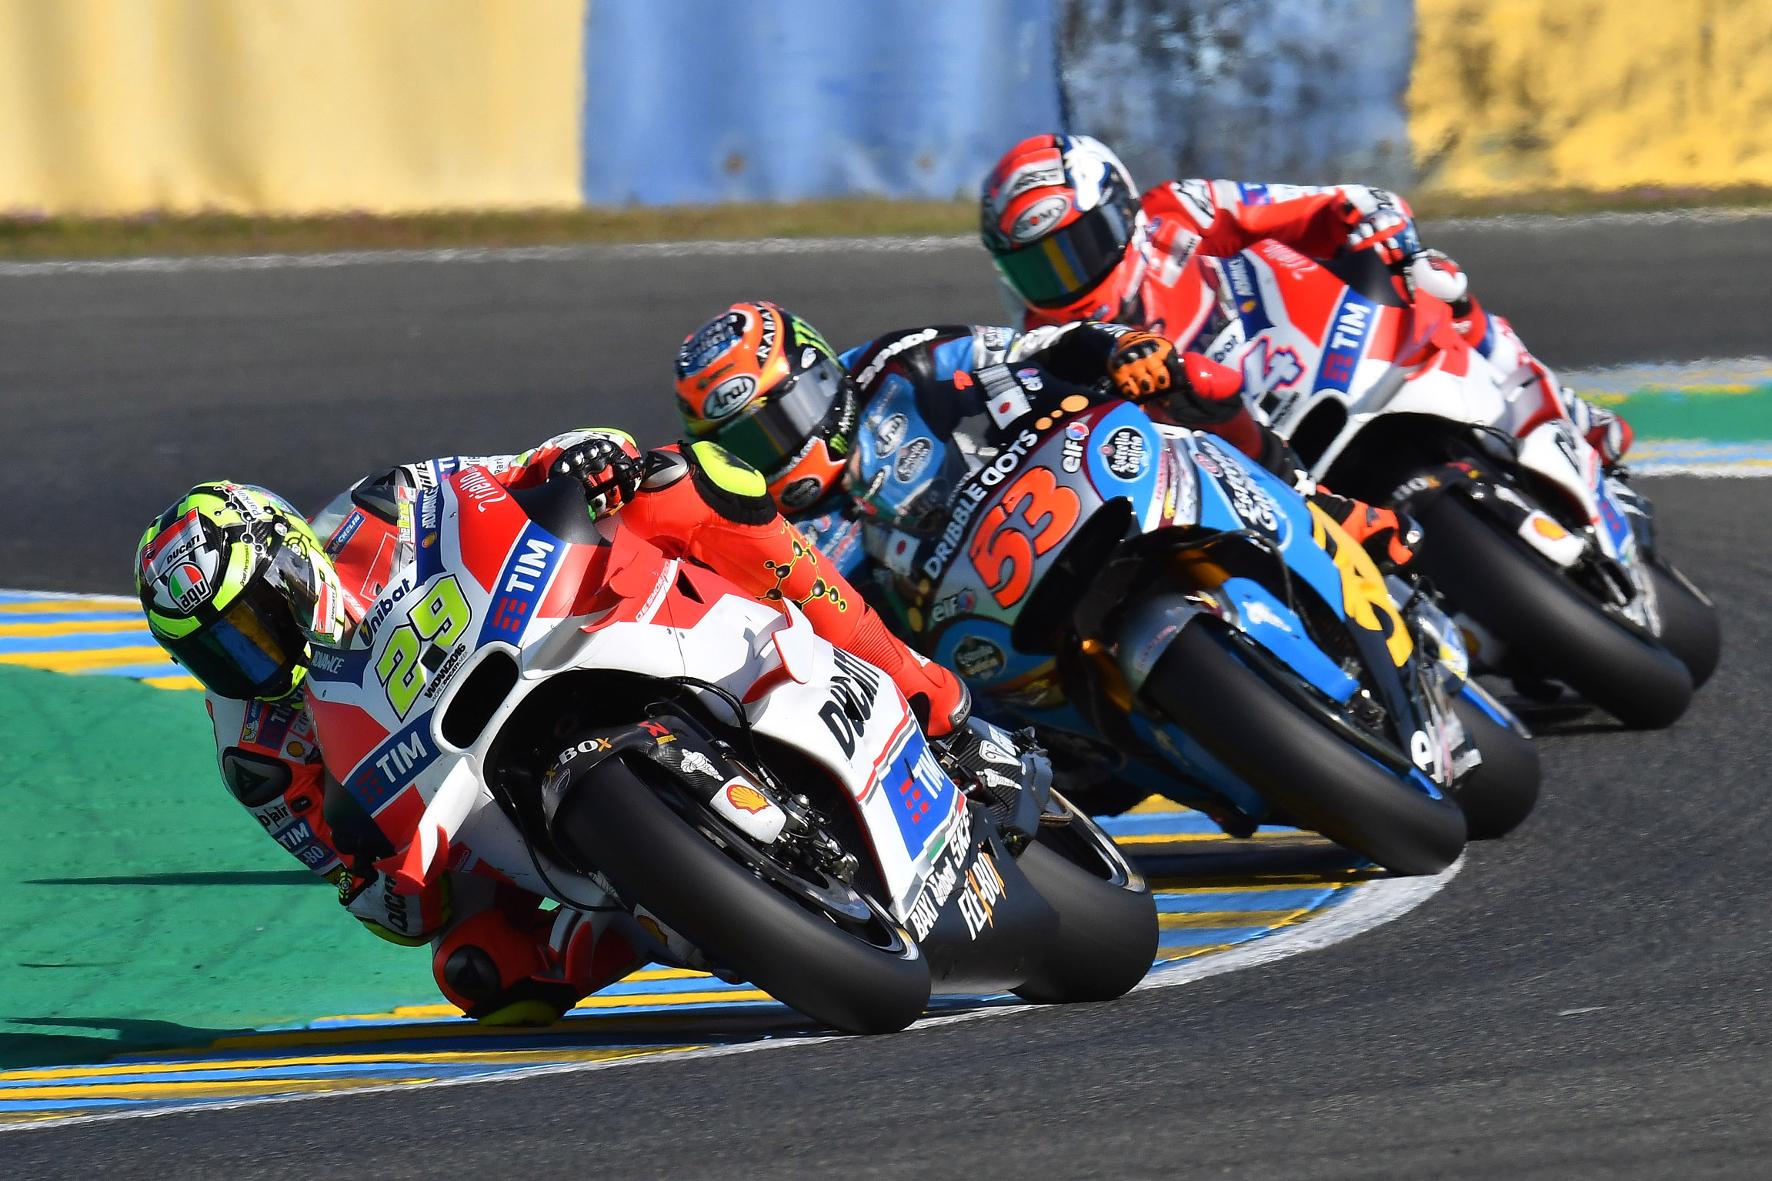 mid Groß-Gerau - Mit den richtigen Reifen sind für die Profis in der Motorrad-Weltmeisterschaft extreme Schräglagen möglich.